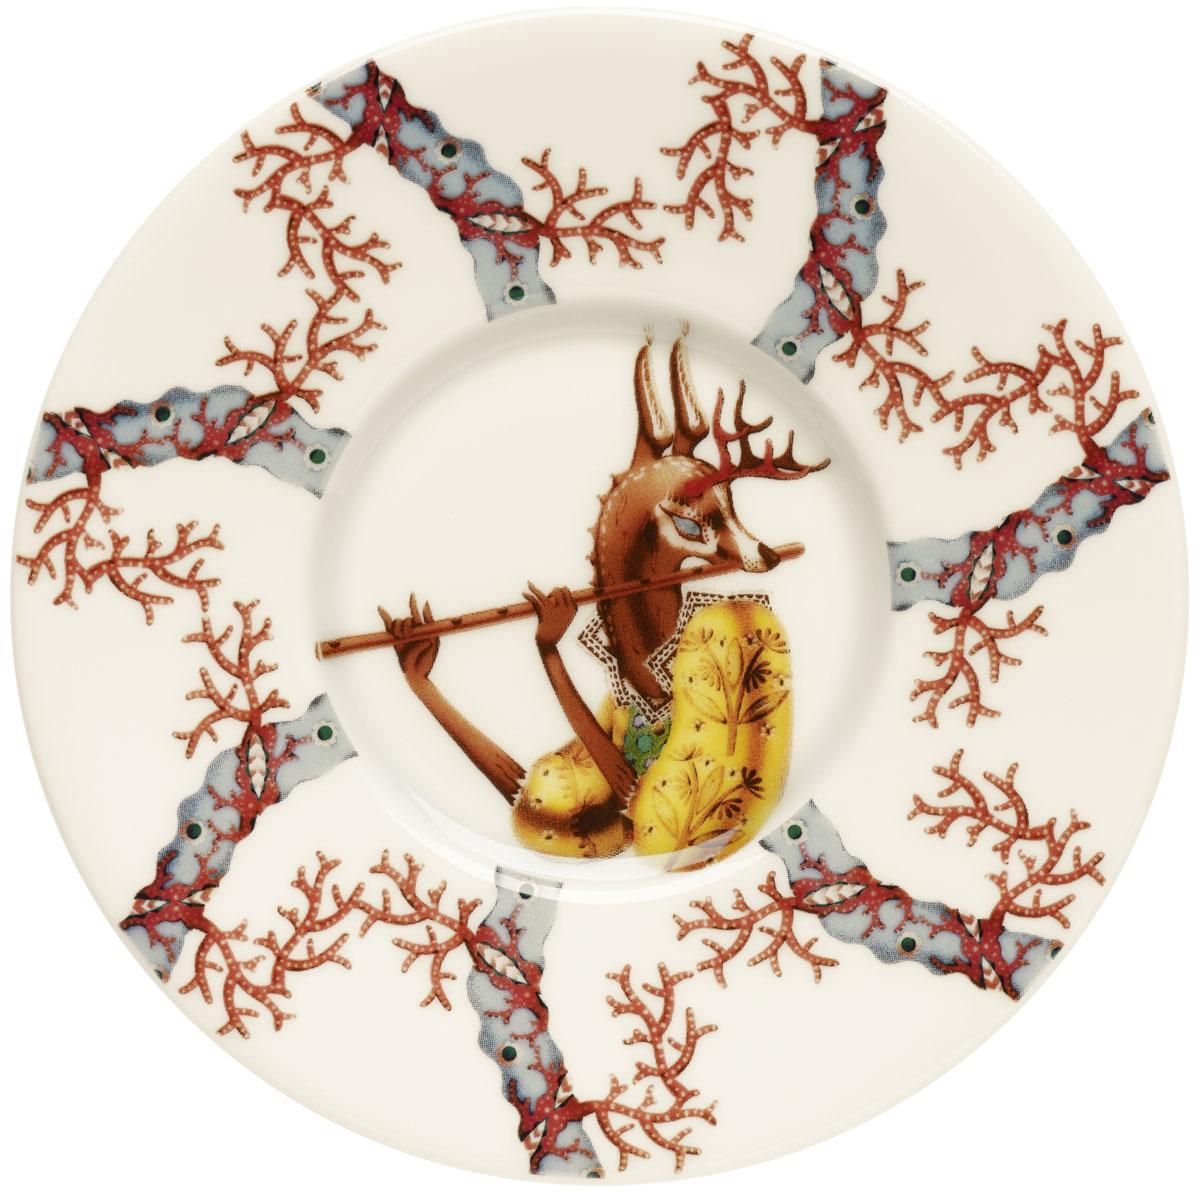 Блюдце Iittala Tanssi, диаметр 15 см1015527Блюдце Iittala Tanssi станет прекрасным украшением вашего праздничного стола. Оно выполнено из качественного фарфора.Диаметр блюдца составляет 15 см.